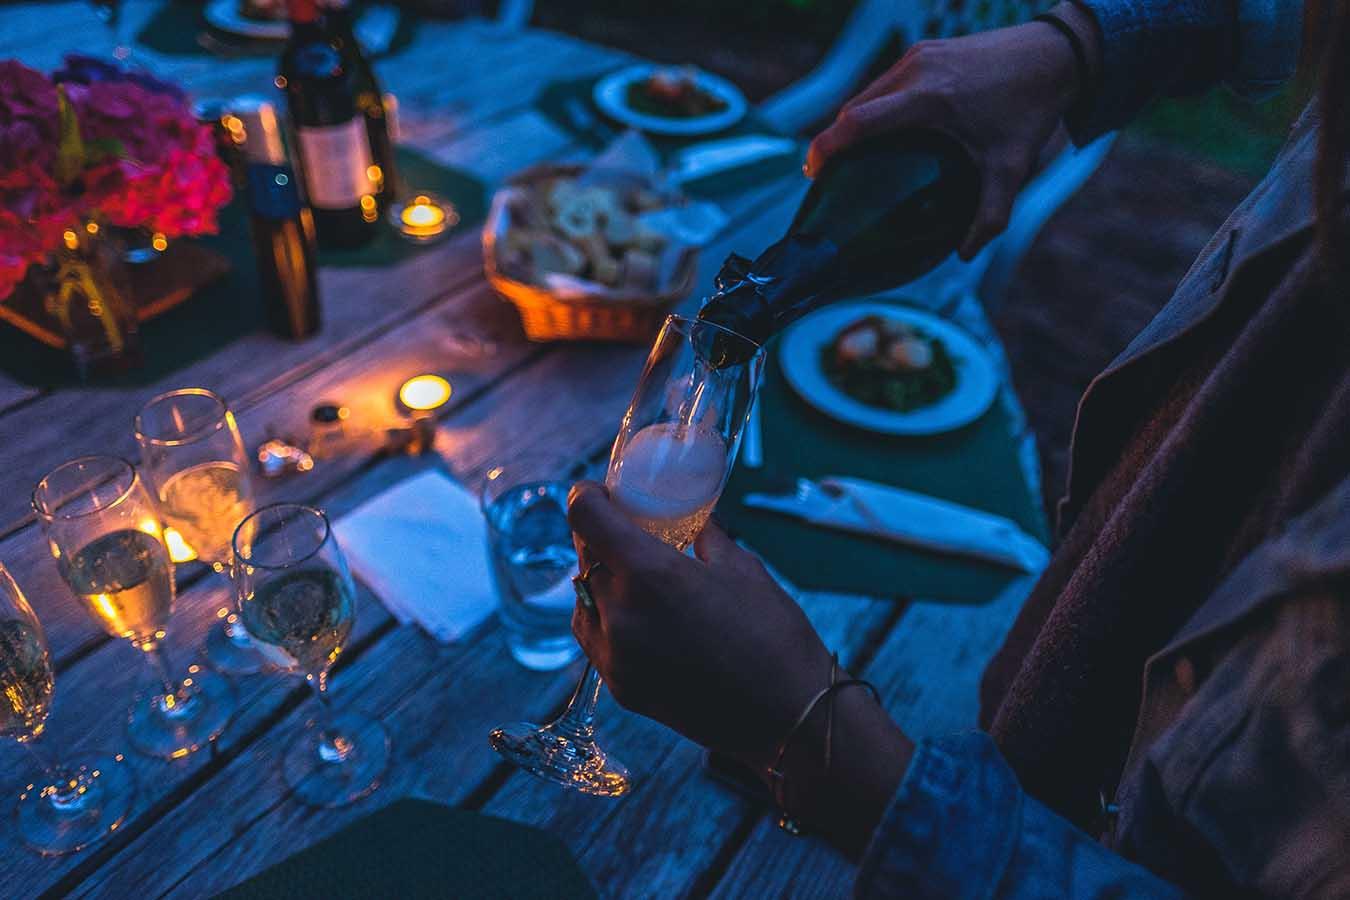 best lobster mykonos ,live sea food mykonos,best luxury parties mykonos,birthday parties mykono,luxury dinner mykonos,premium meat mykonos,luxury restaurant mykonos,restaurant on the beach mykonos,events restaurant mykonos,best place to eat in mykonos,king crab,chavier iranian,tomahok steak,kobe meat,fresh fish